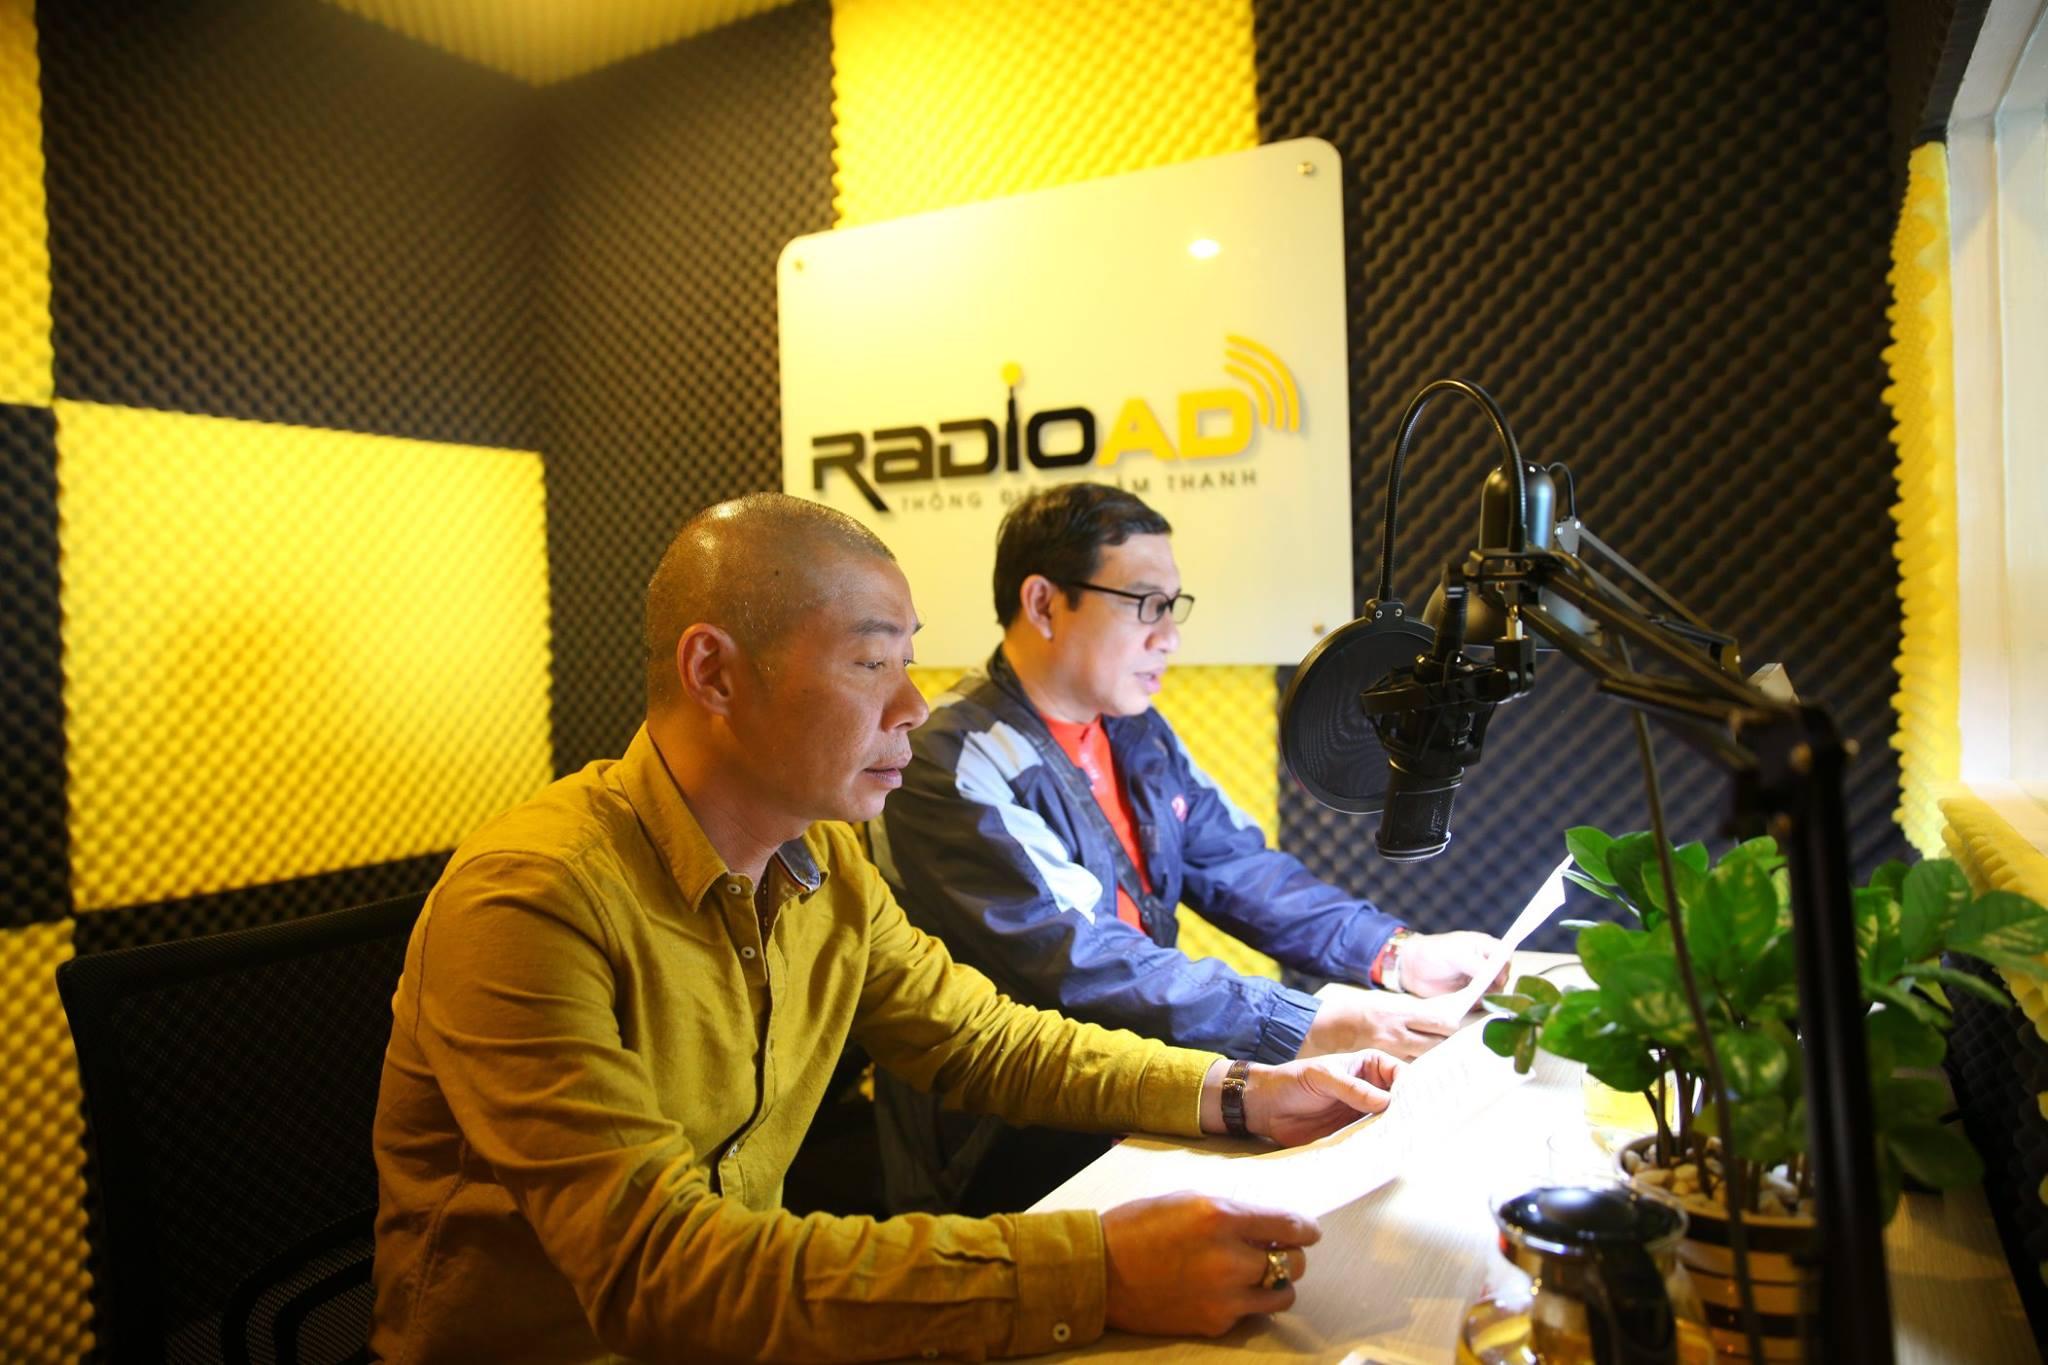 Nghệ sĩ Công Lý và Quang Thắng - Cặp trùng bài đầy ăn ý của Radio Ad